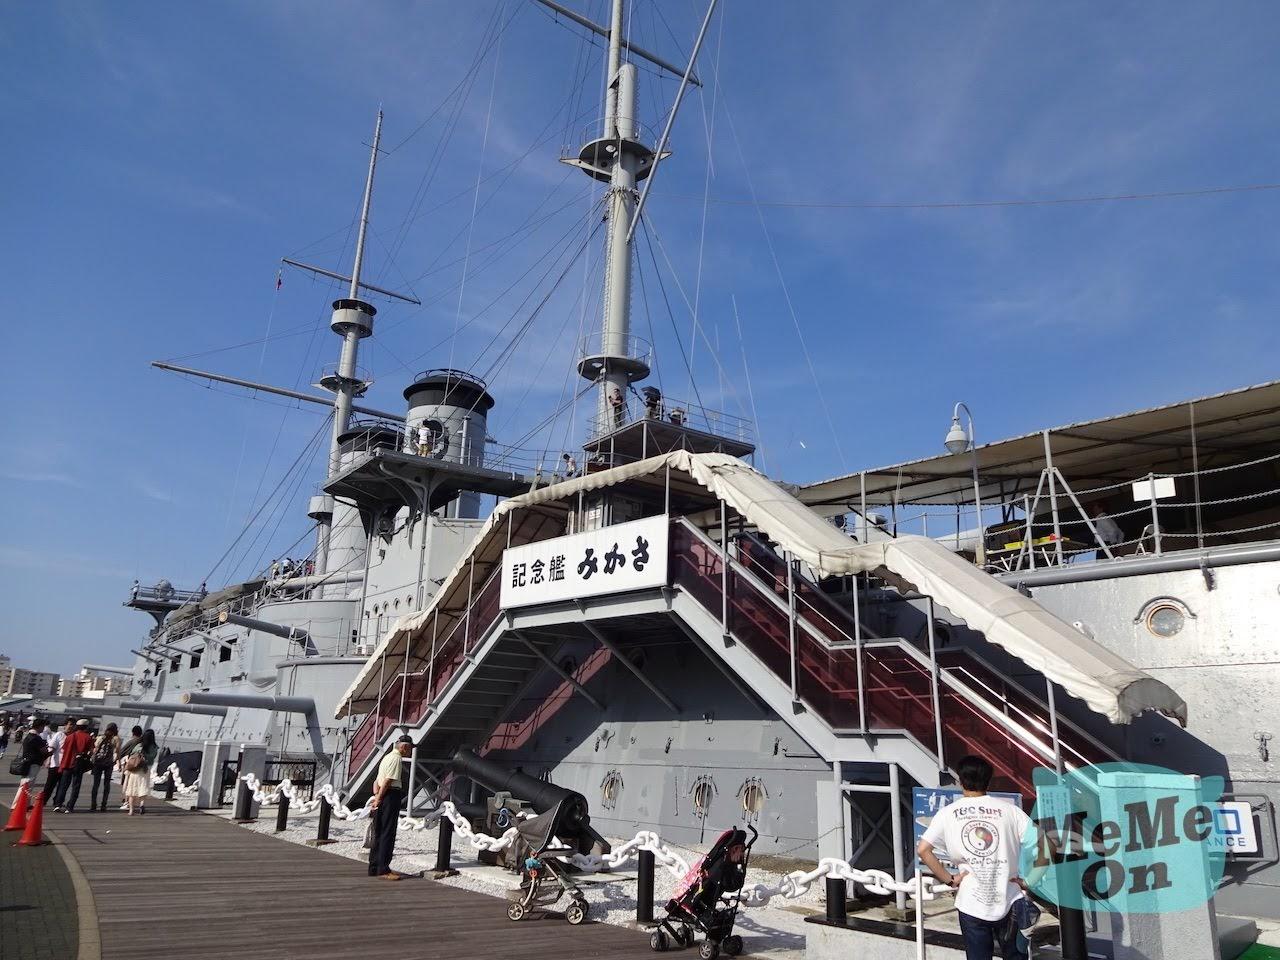 《 坂上之雲 》聖地巡禮ー 橫須賀 三笠公園 看 三笠號戰艦